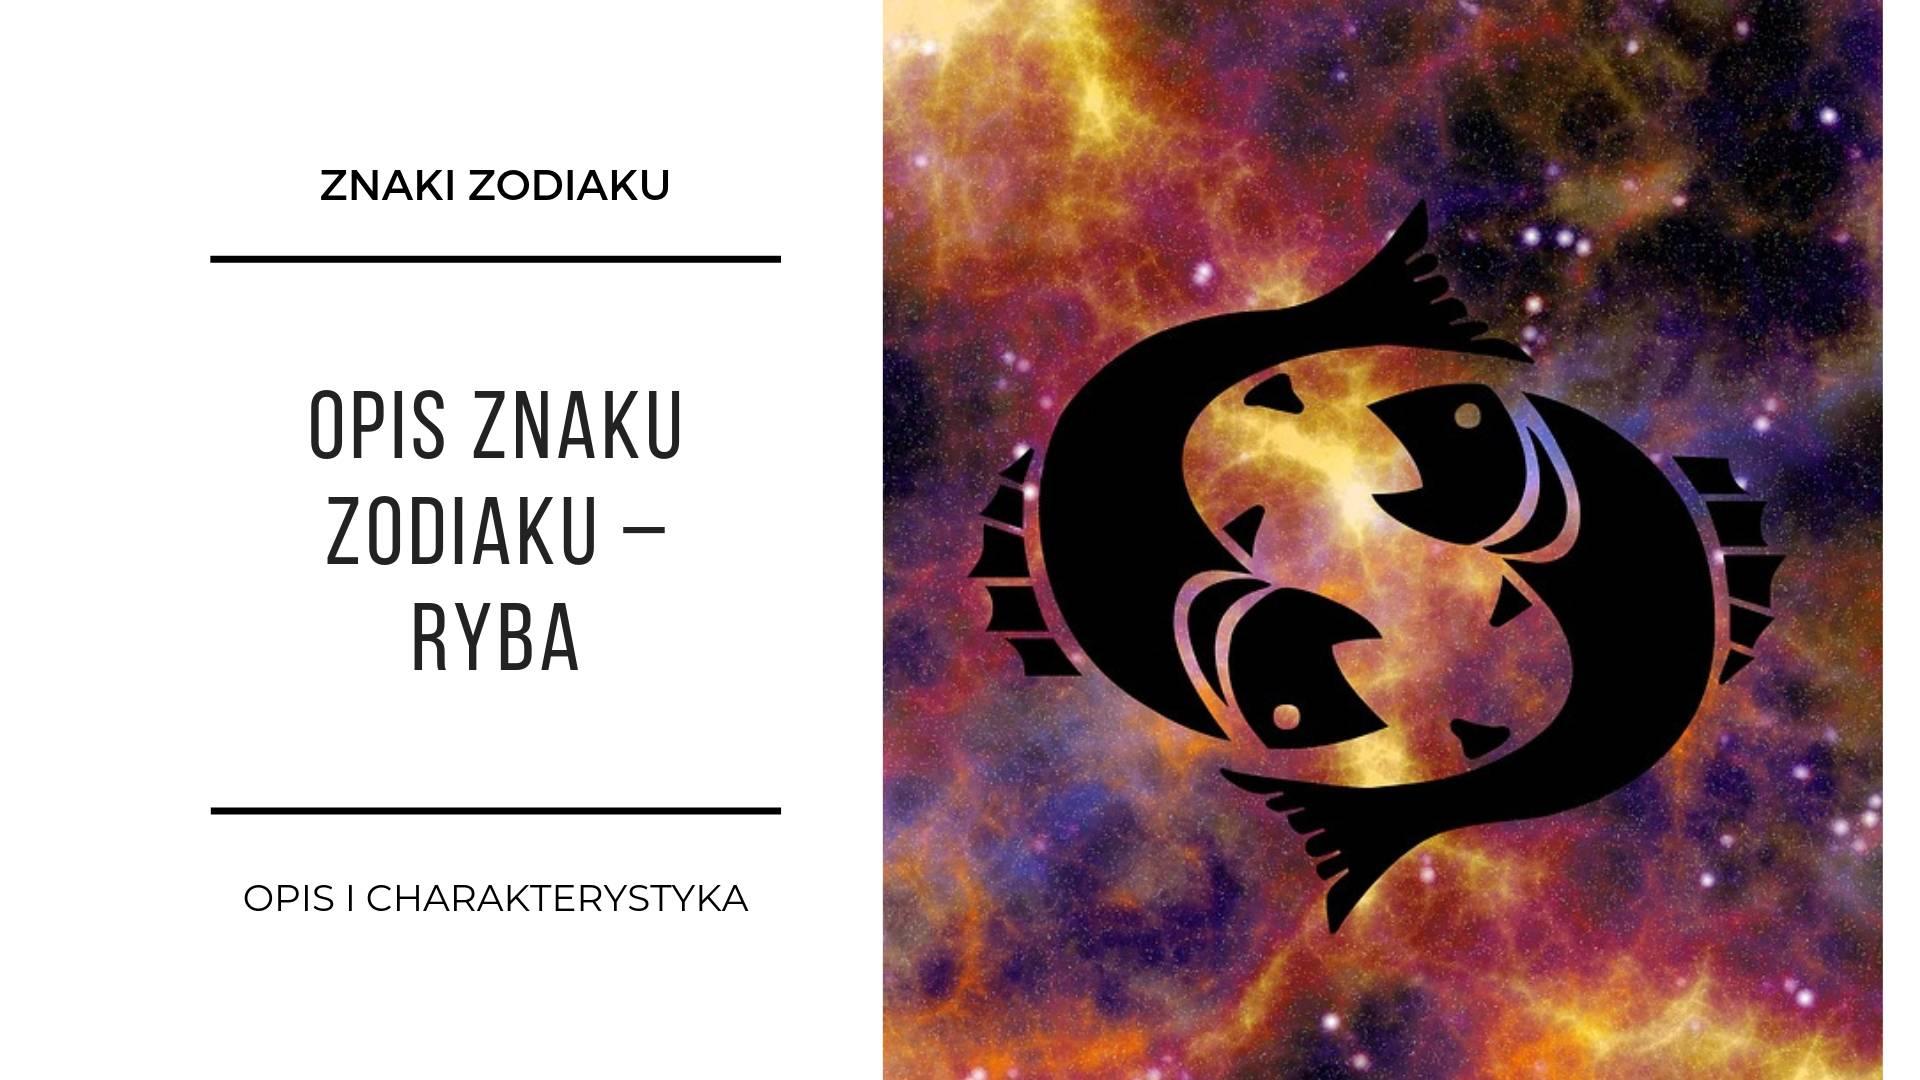 Znaki zodiaku 2